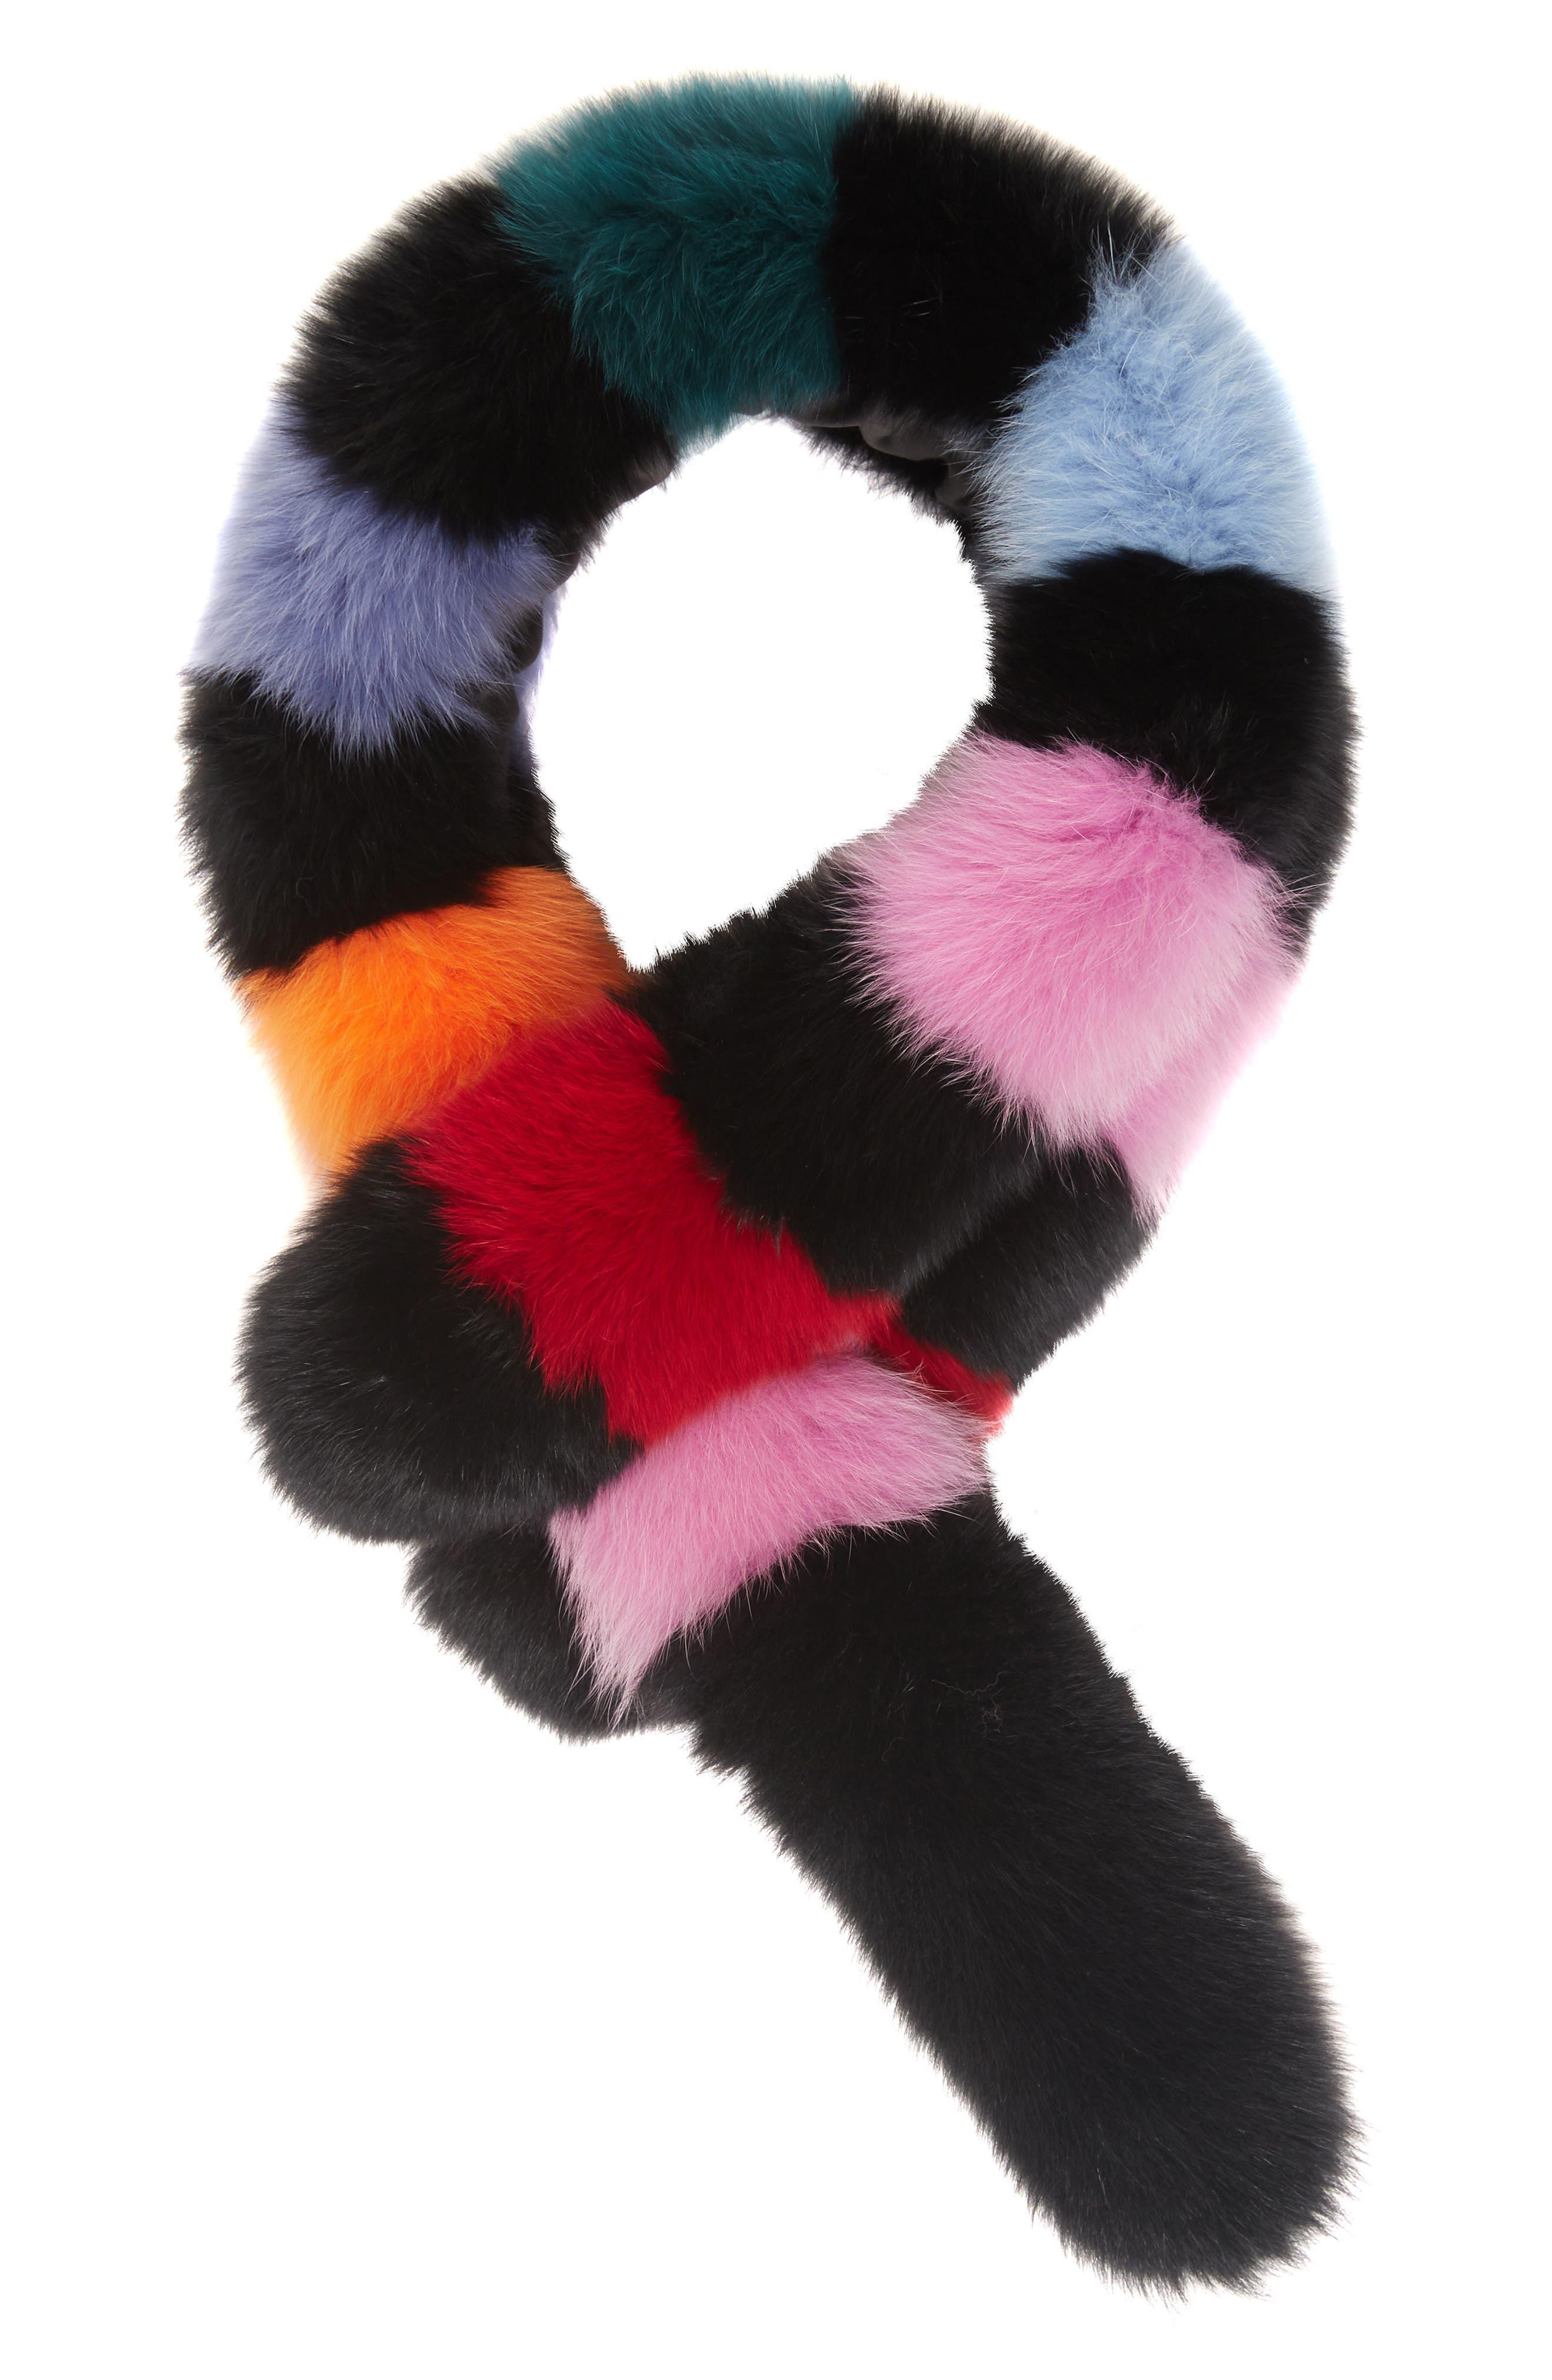 Popsicle Genuine Fox Fur Scarf,                         Main,                         color, Black/Multi Stripe